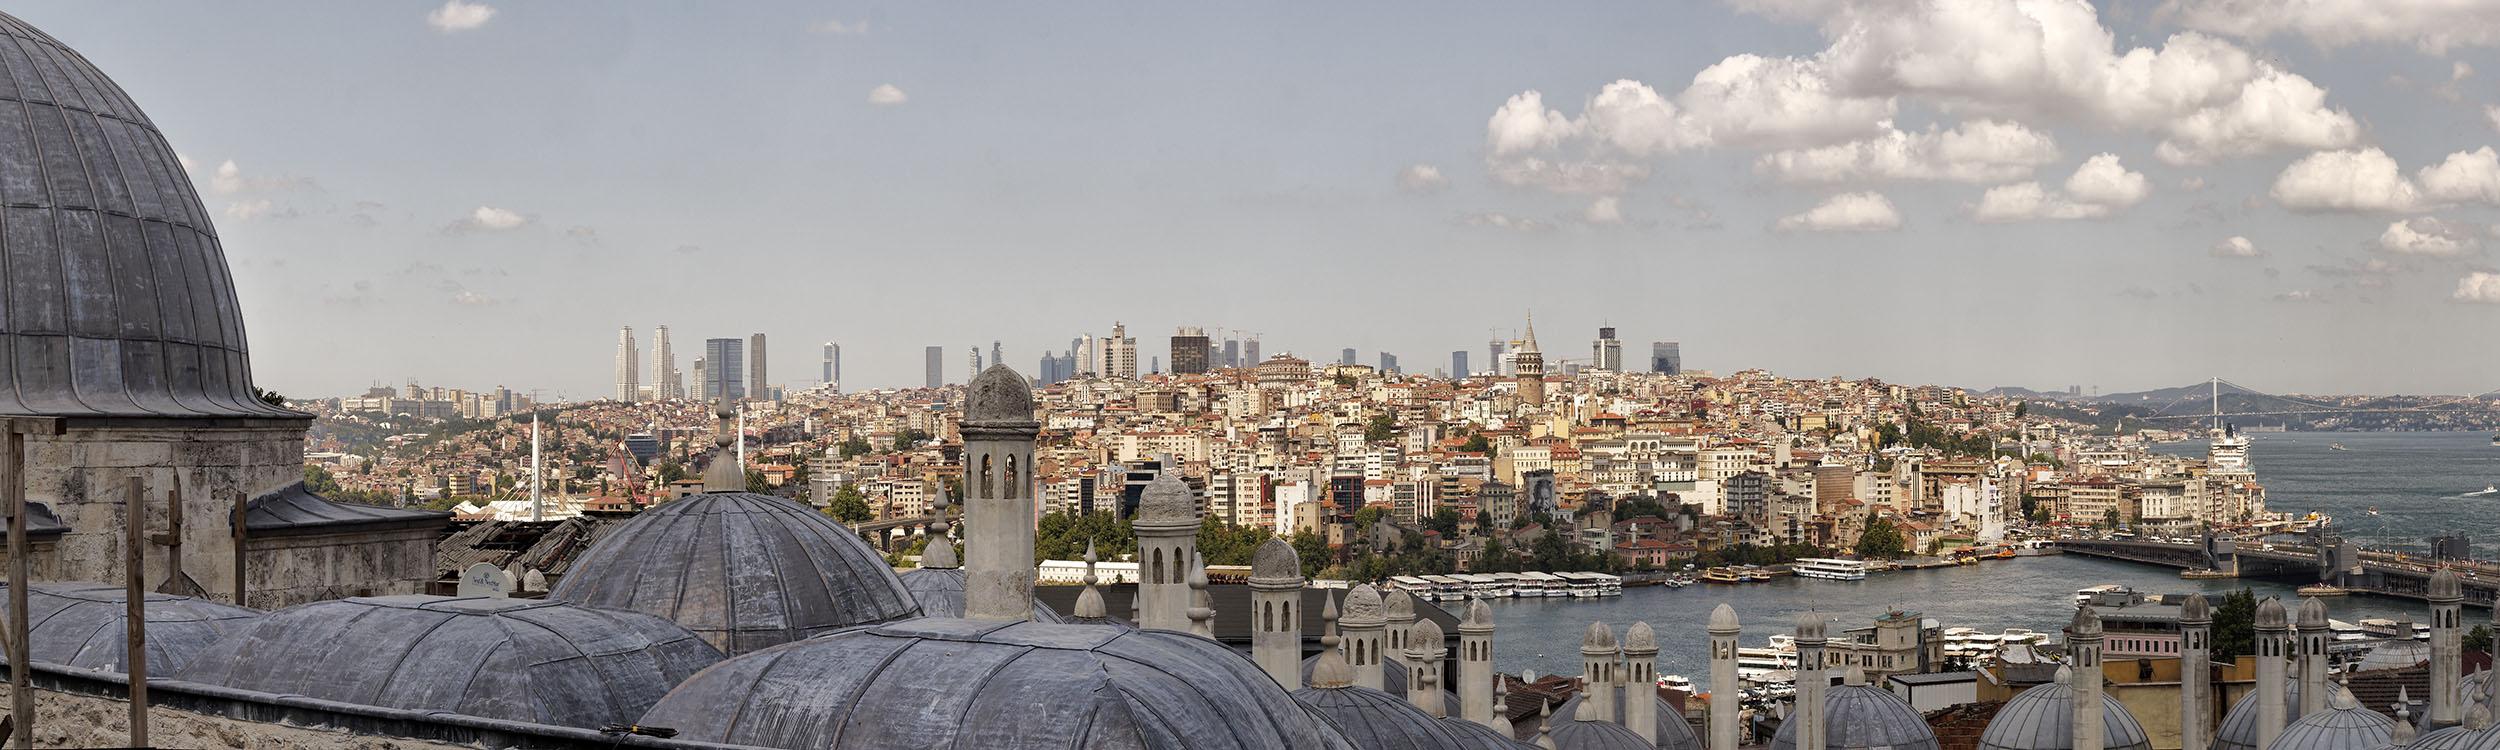 View from Süleymaniye Cami Grounds